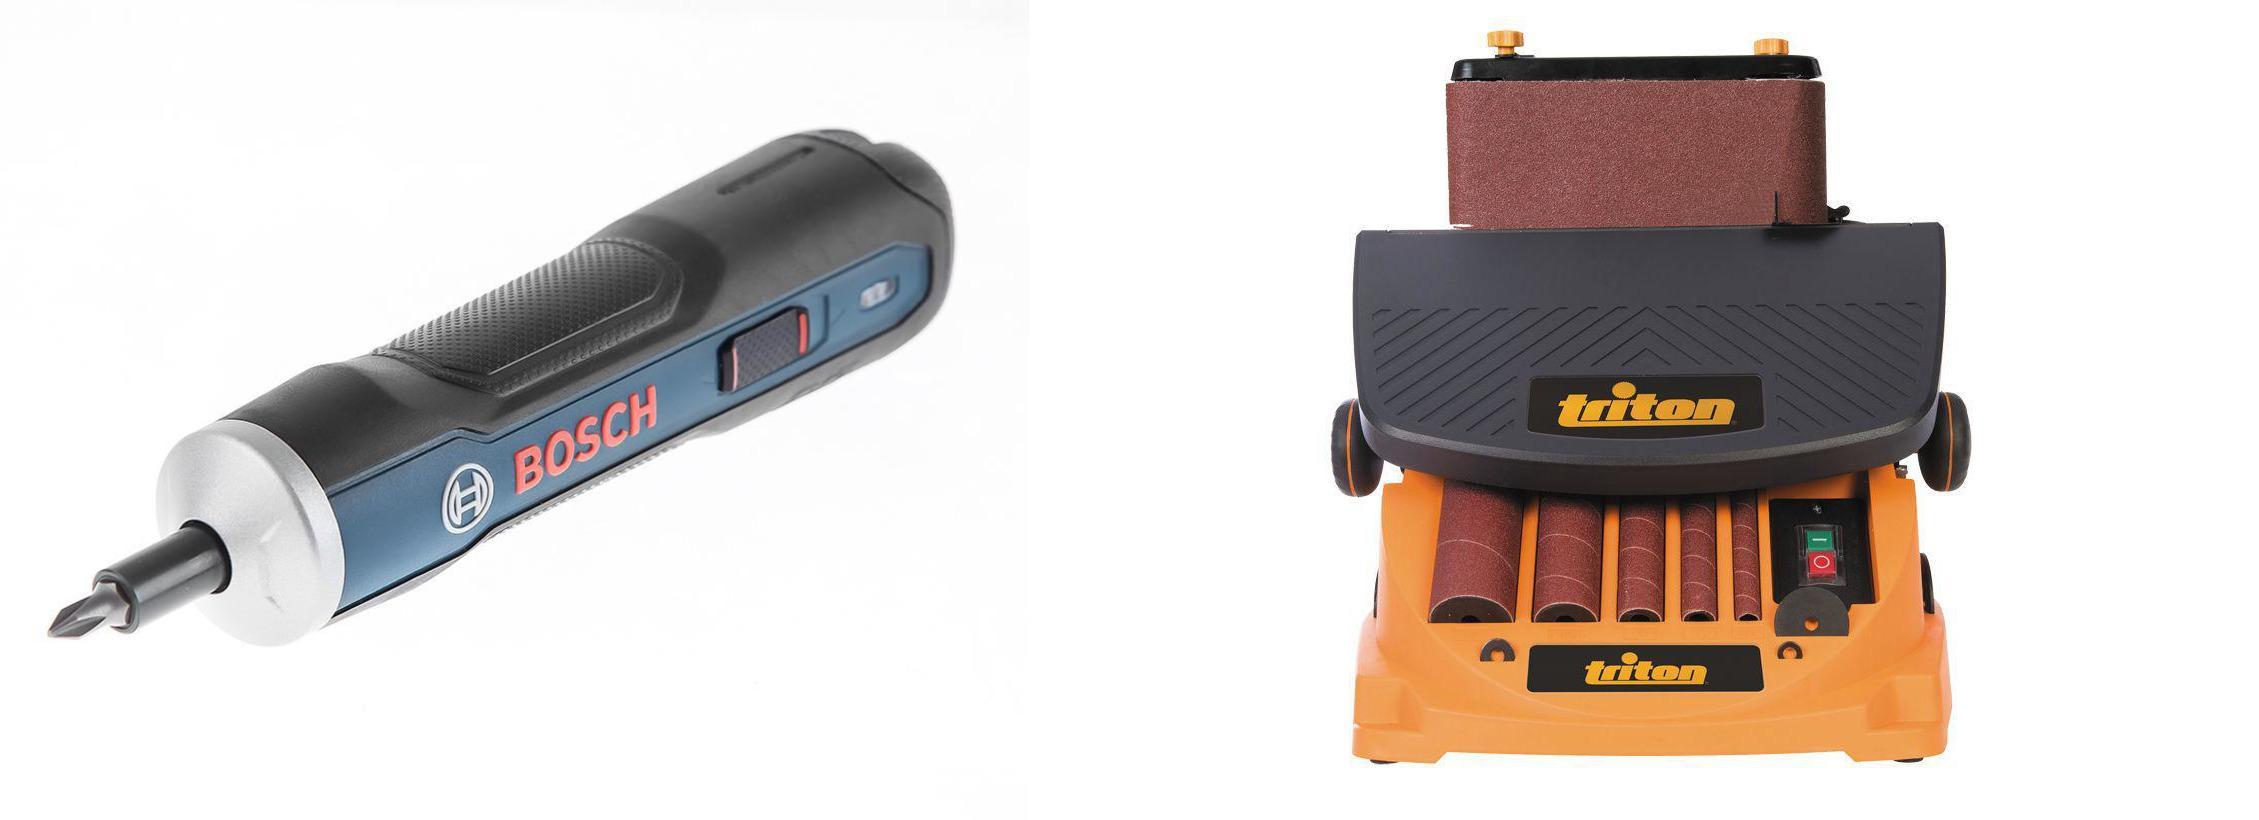 Набор Triton Станок шлифовальный tr894303 +Отвертка аккумуляторная go kit 0.601.9h2.021